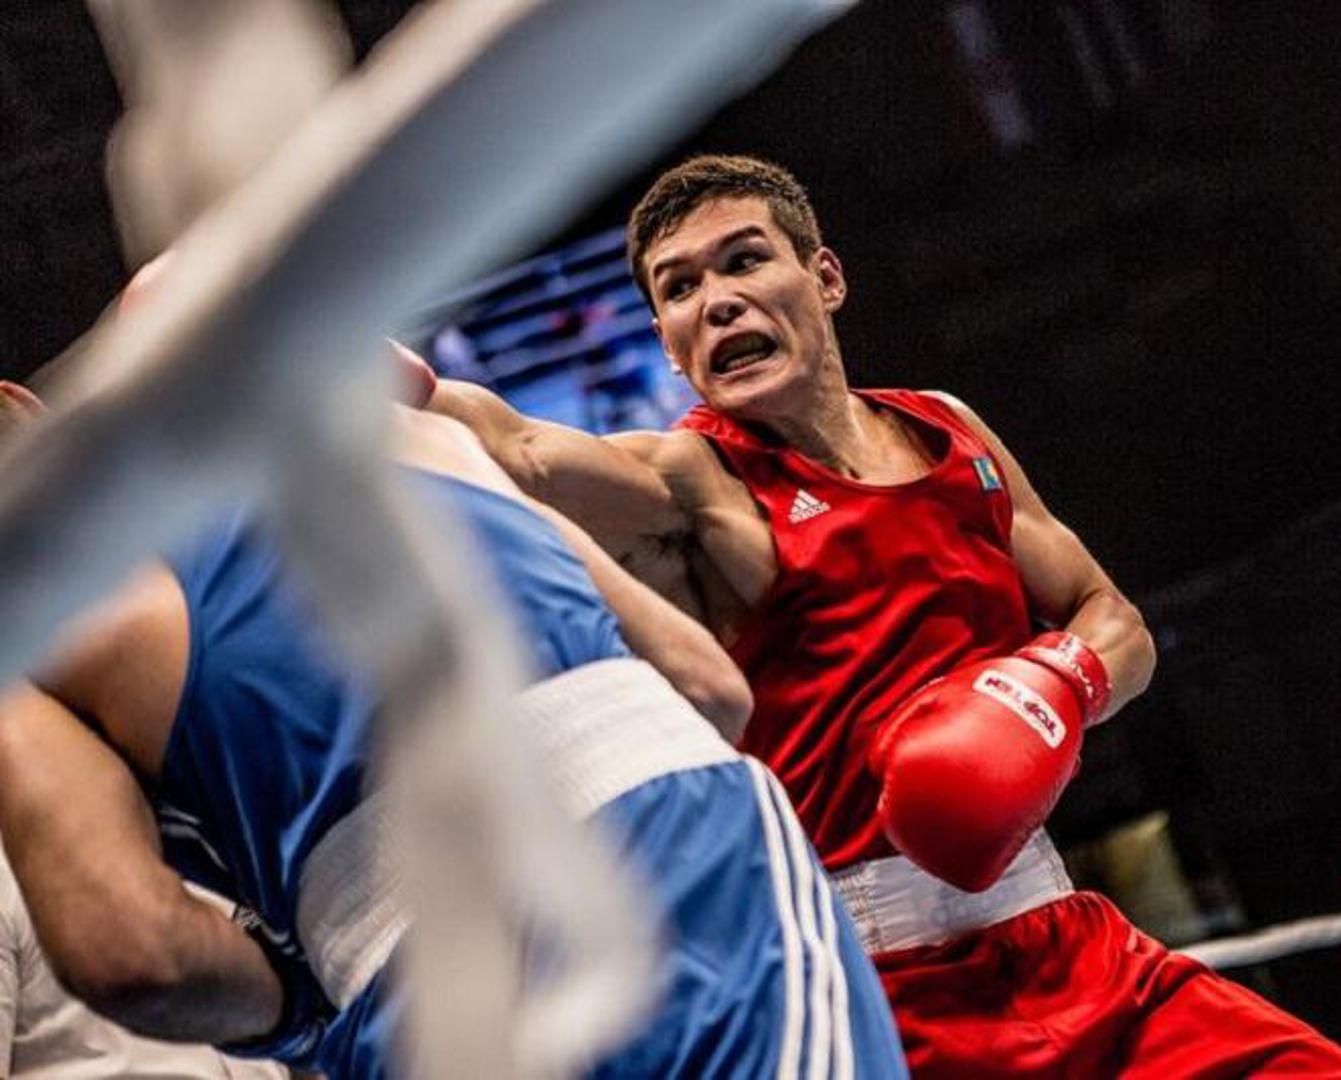 Данияр Елеусинов дебютирует на профи-ринге 28 апреля